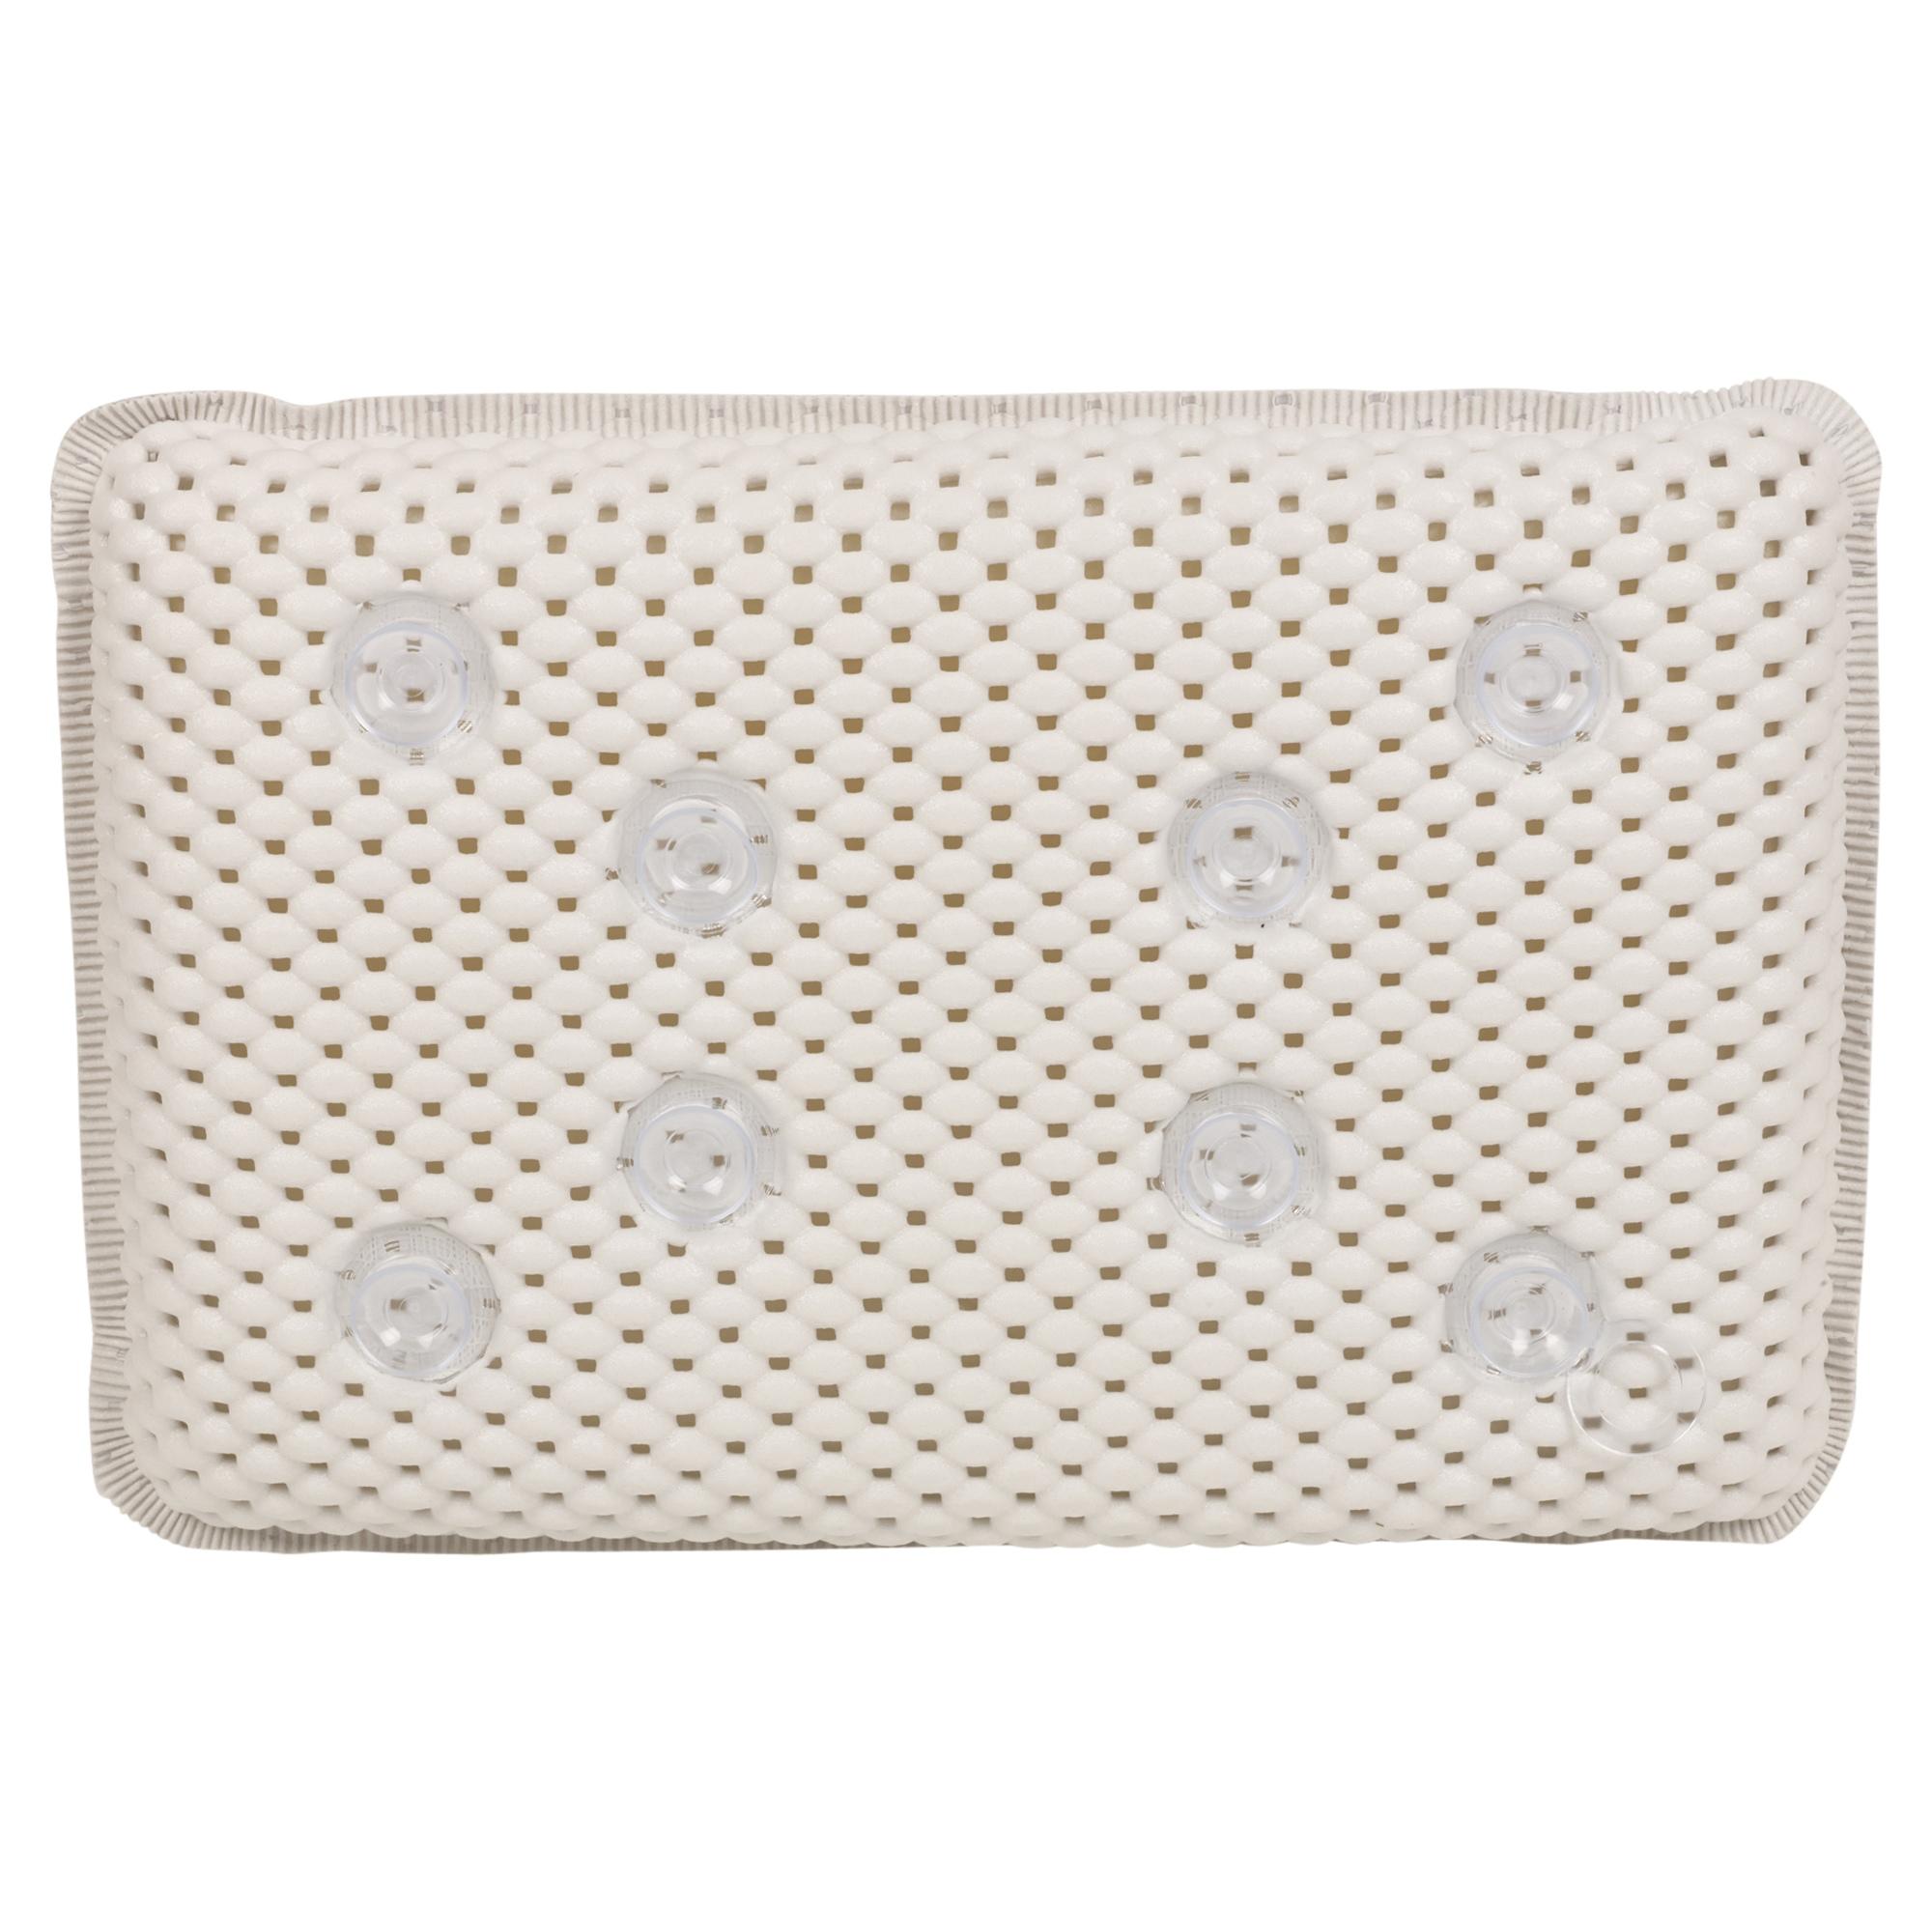 Luxury White Foam Bath Pillow Spongy Cushion Spa Tub Head